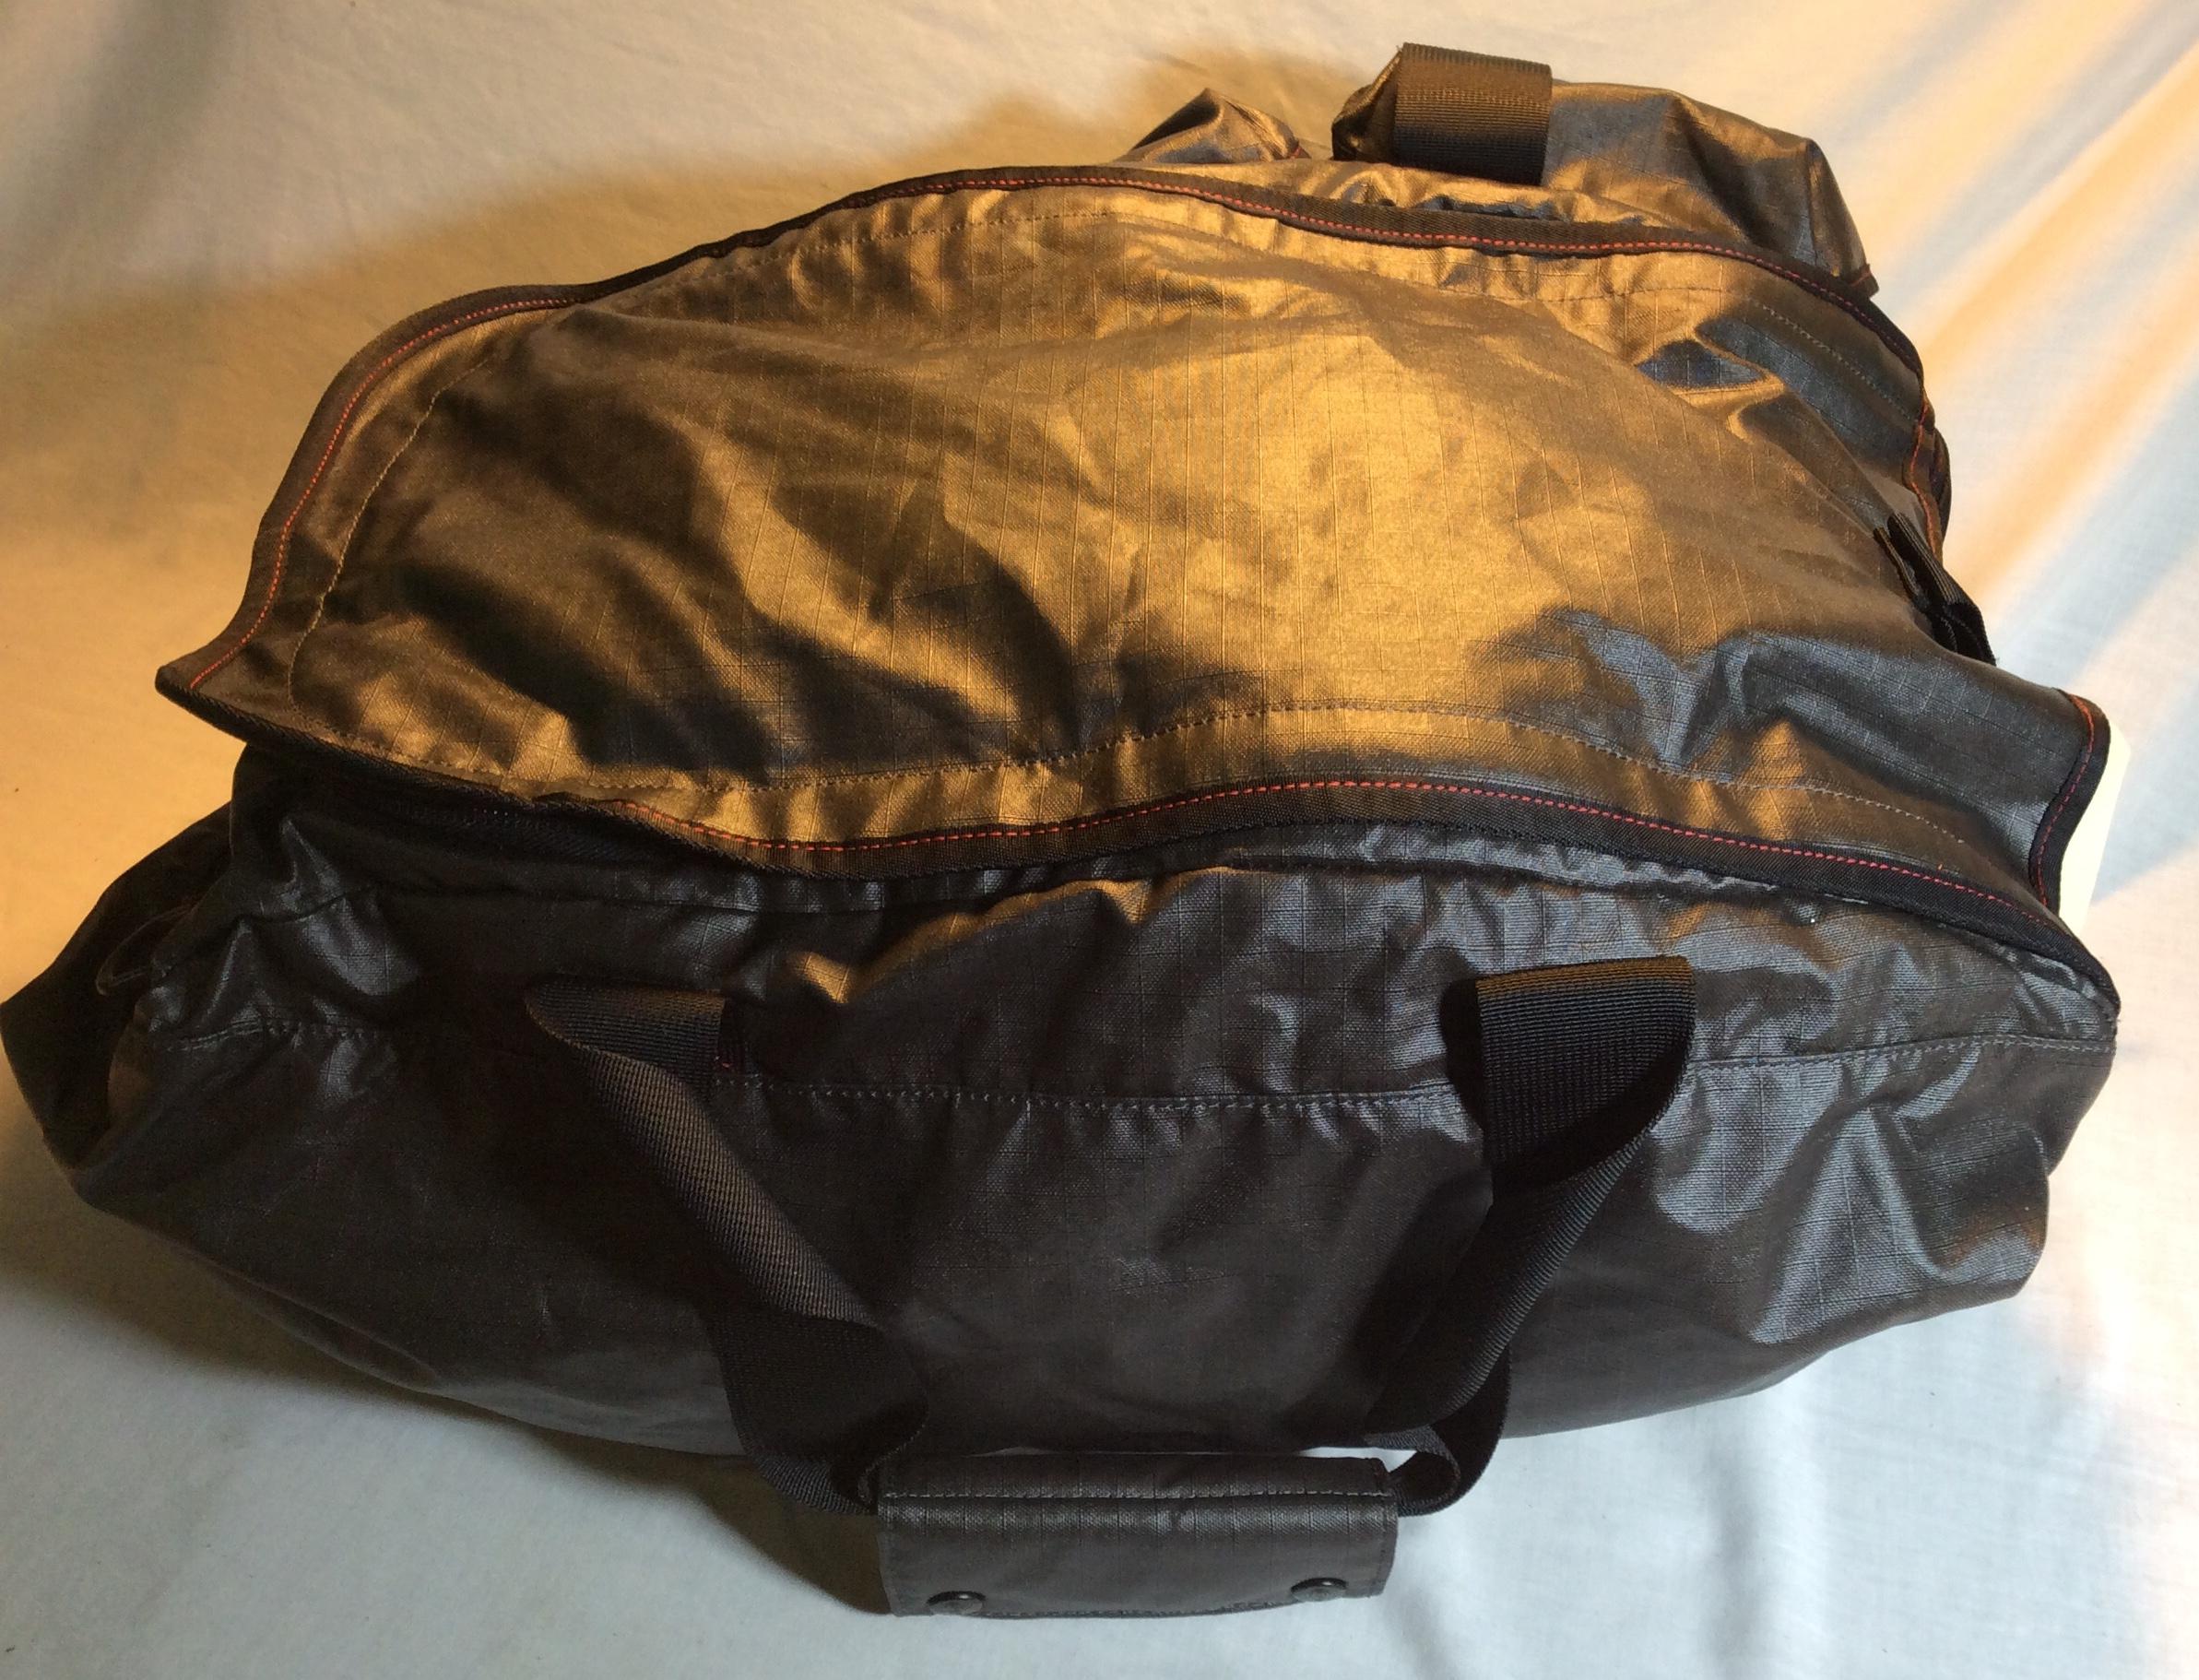 Waterproof Black Duffel Bag